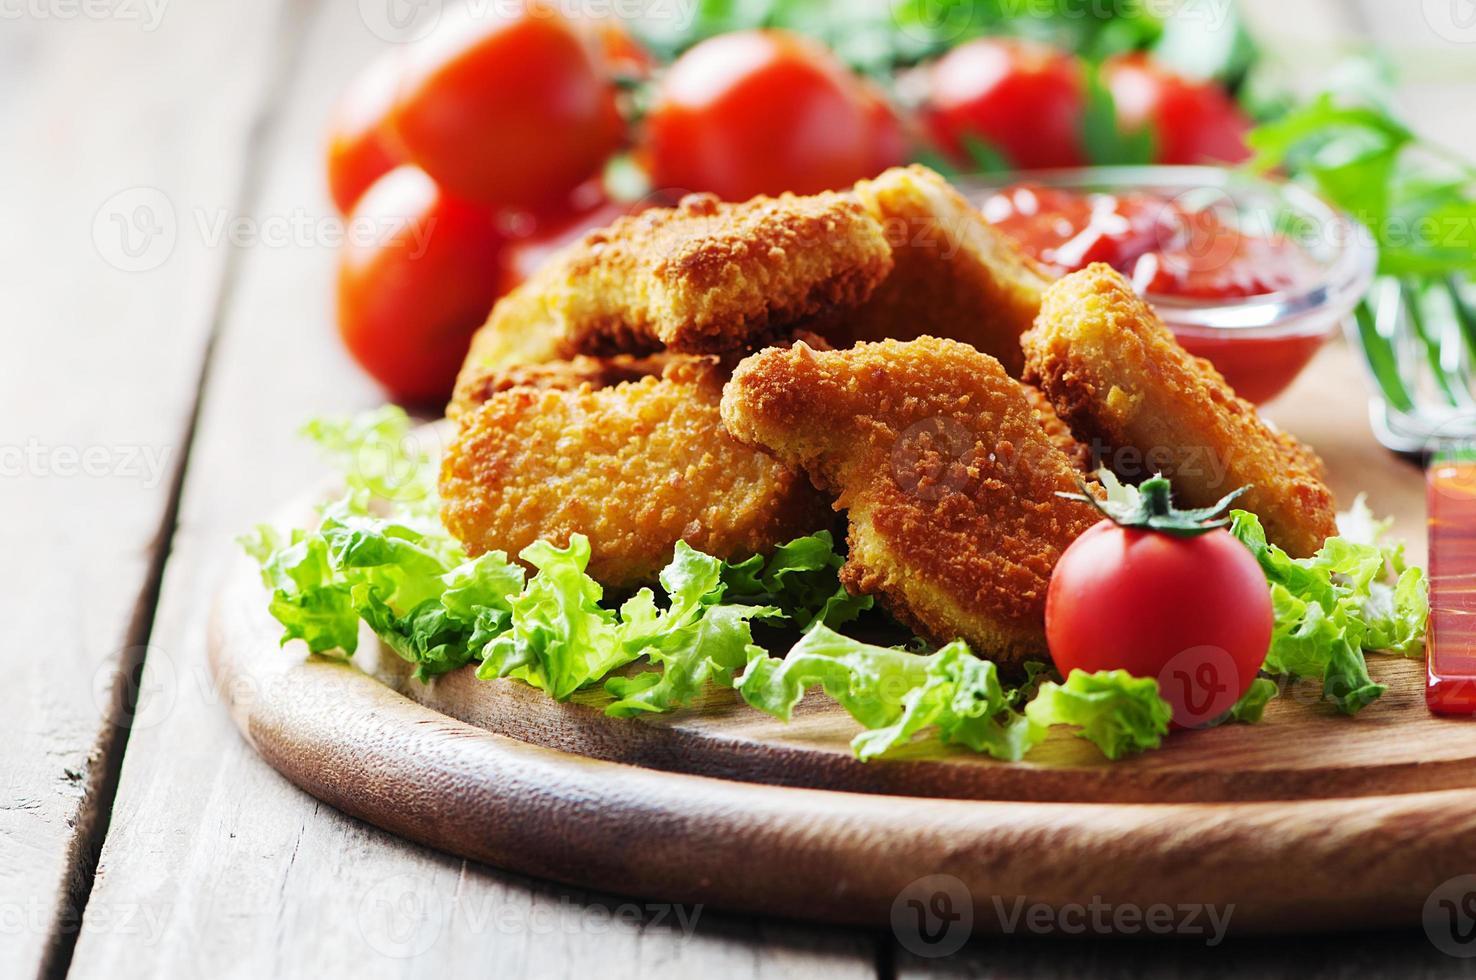 nuggets de pollo en la mesa de madera foto